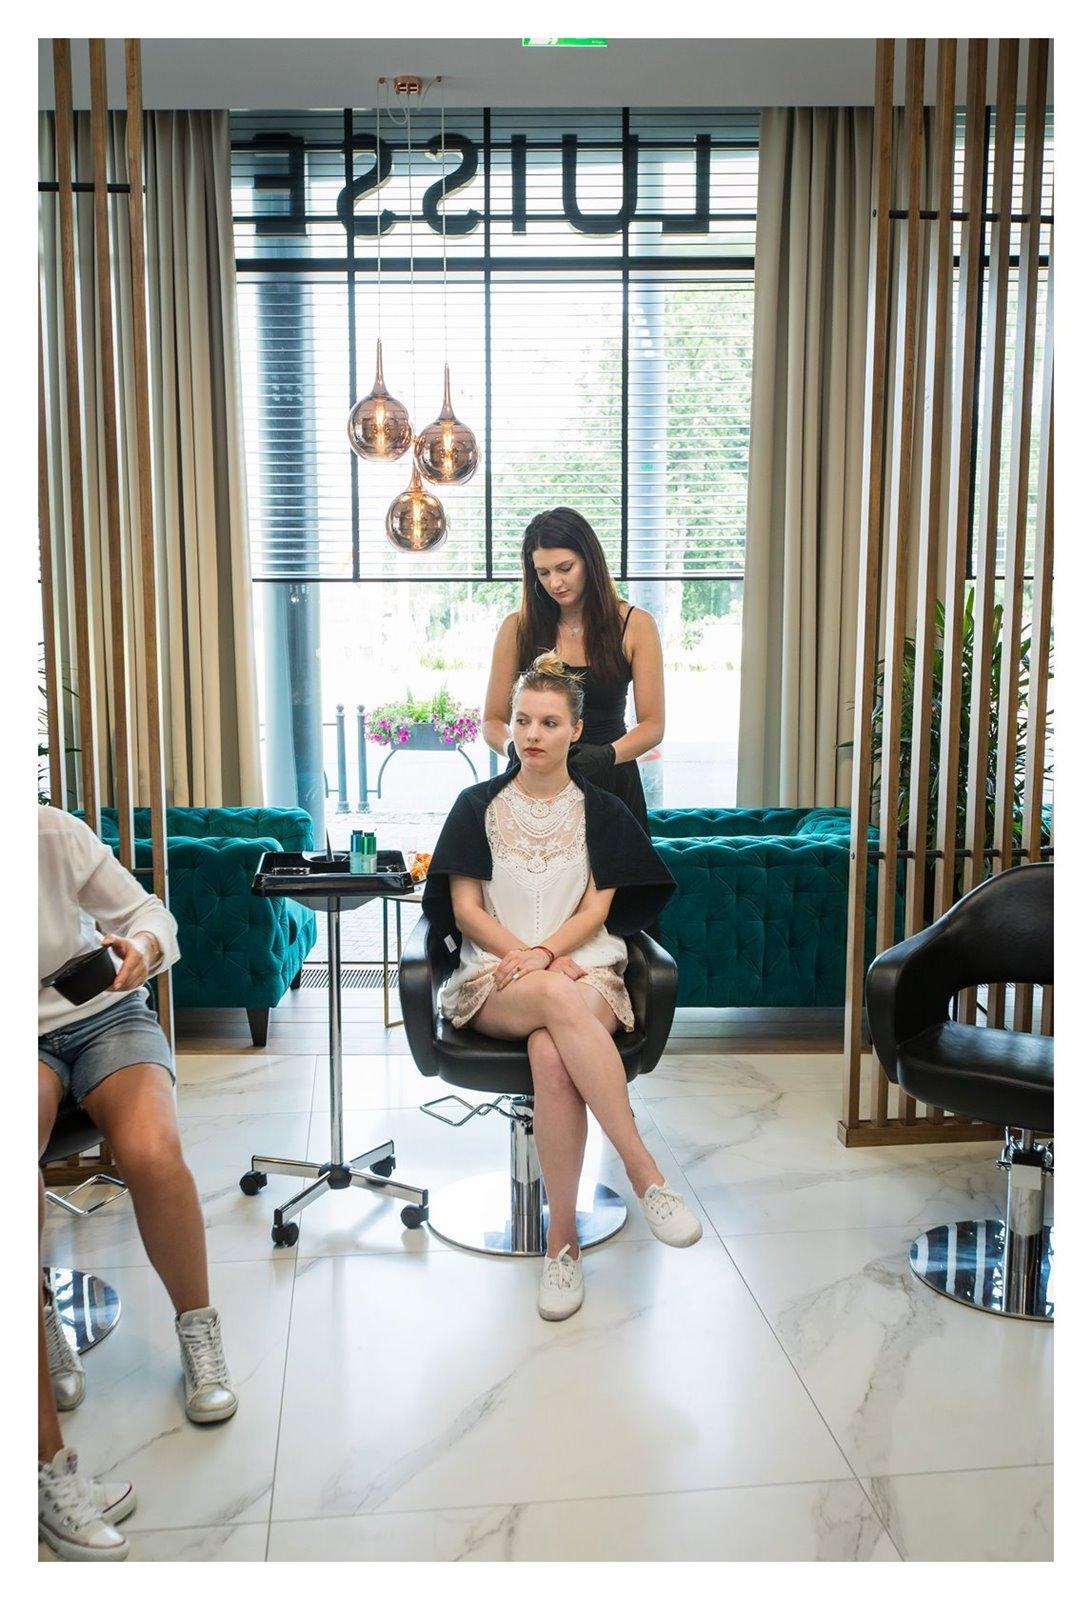 14 salon fryzjerski luisse łódź najlepszy fryzjer w łodzi gdzie pofarbować włosy w łodzi schwarzkopf opinia pielęgnacja bc fibre clinix booster na czym polega ile kosztuje cena